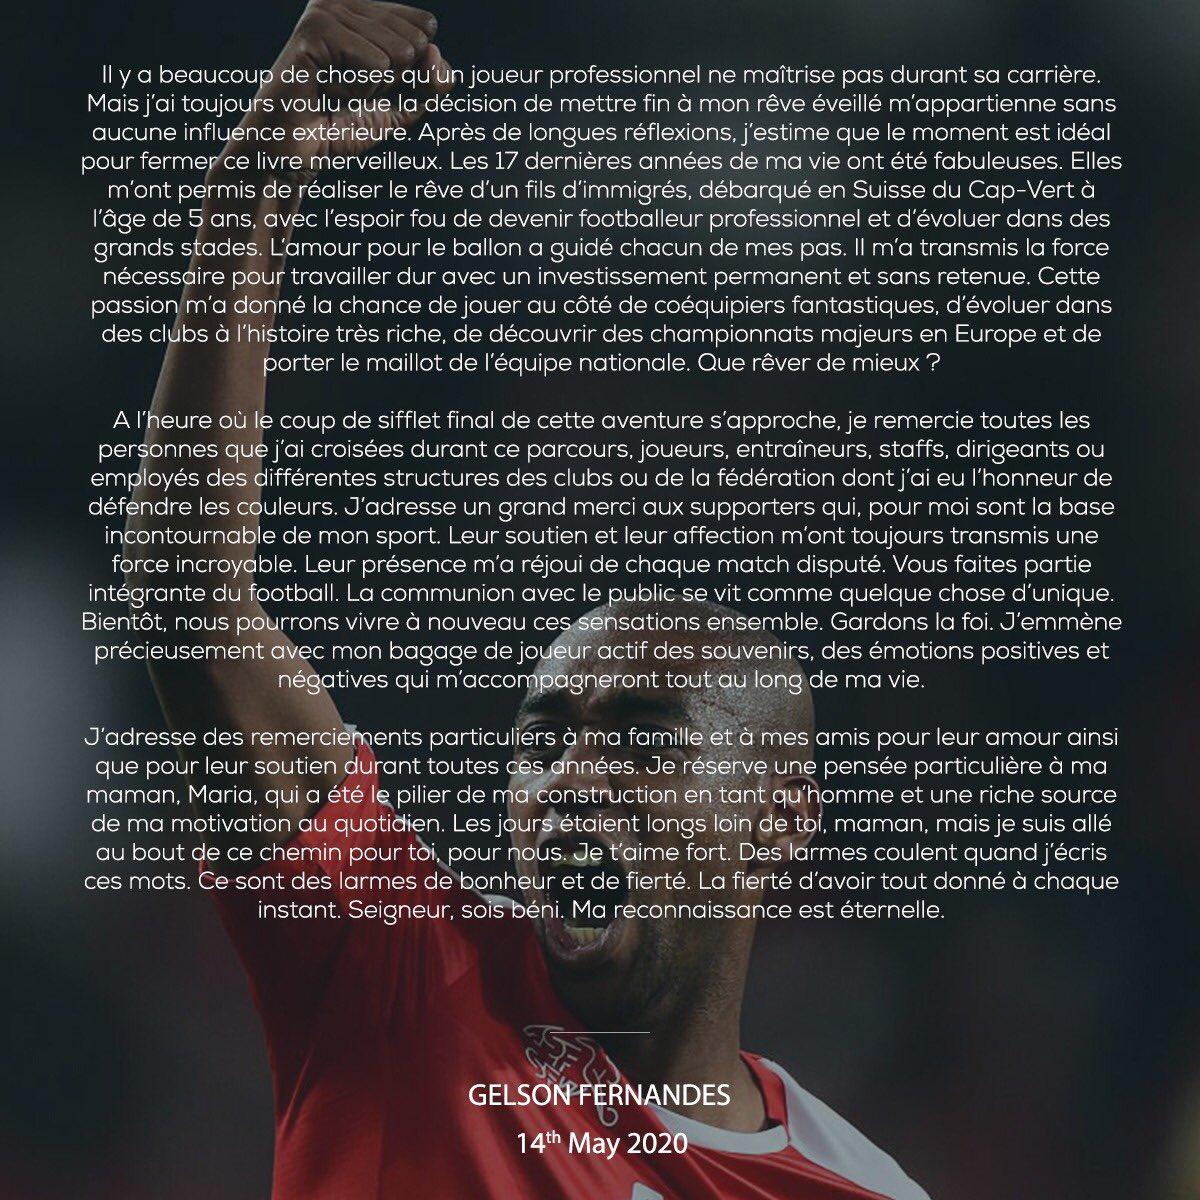 La derniere ligne droite en tant que footballeur professionnel. Merci mon Dieu pour tout❤️ https://t.co/GLiUknne2w